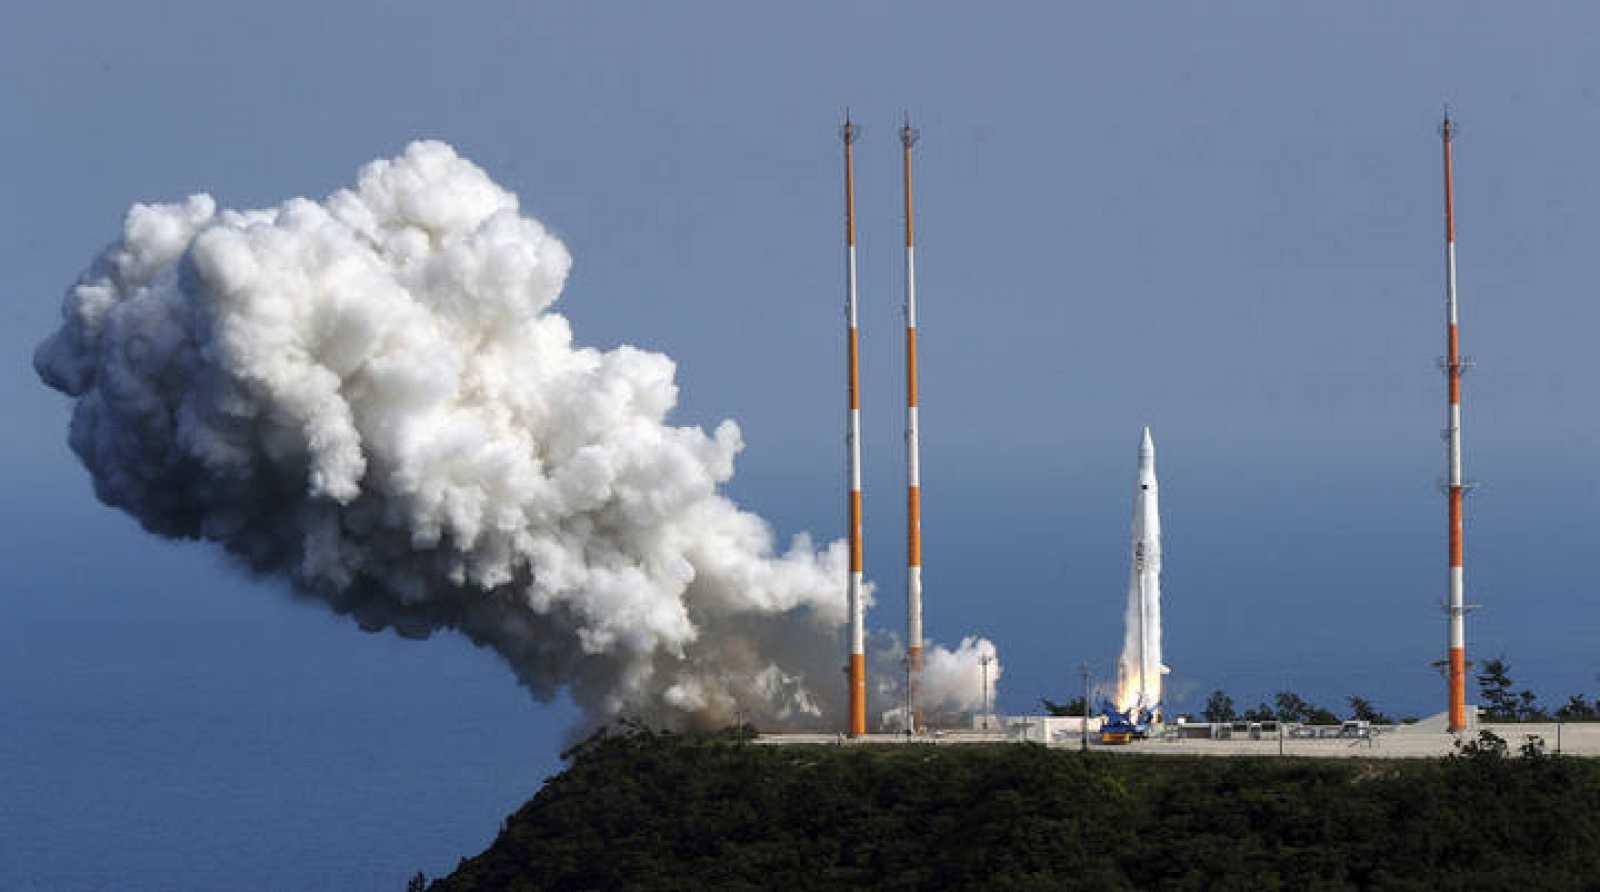 El cohete coreano en el momento del lanzamiento